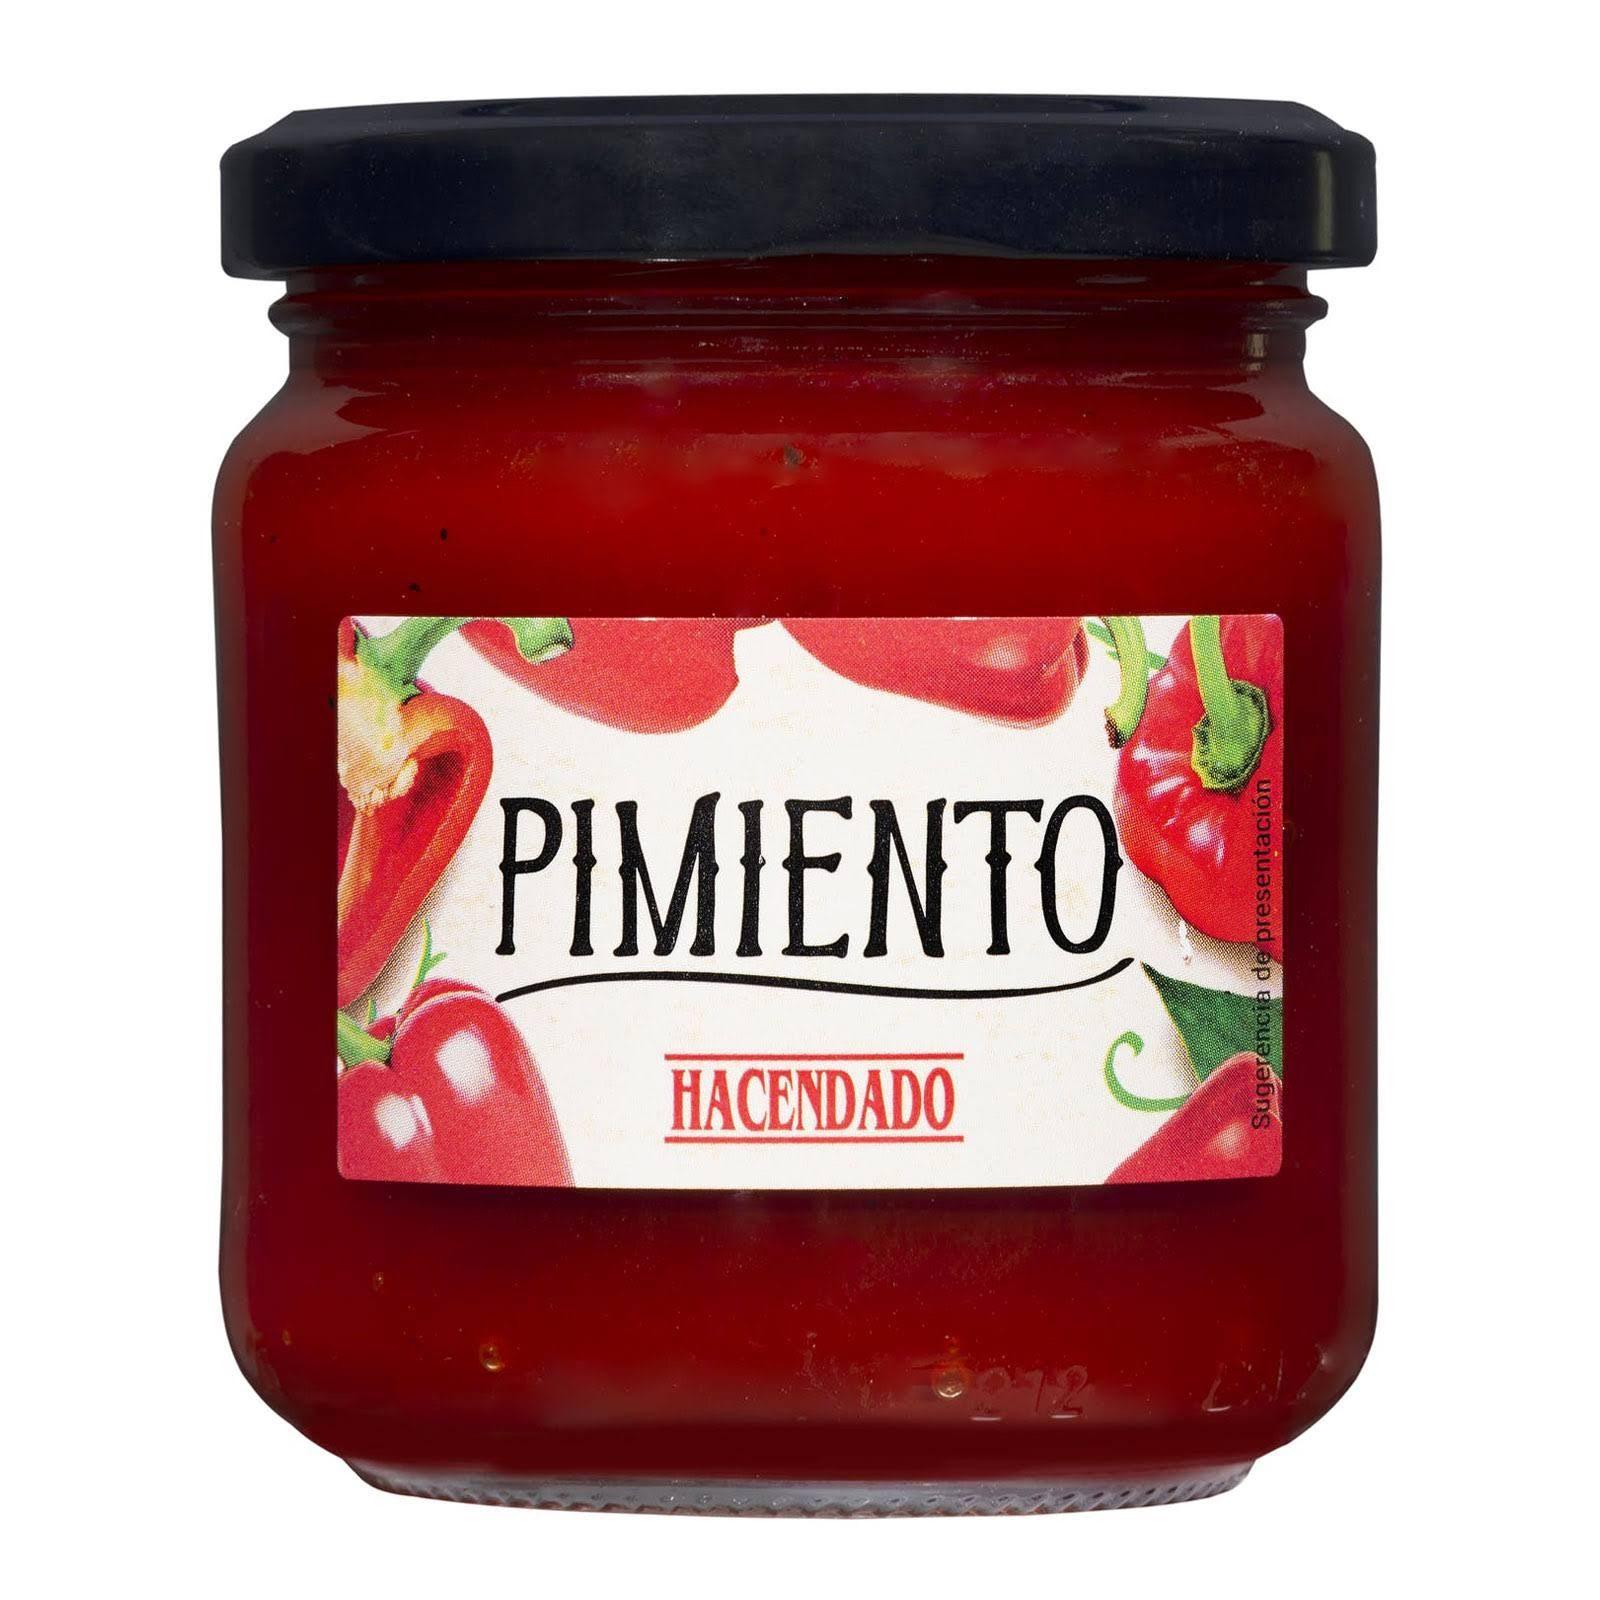 mermelada-de-pimiento-rojo-hacendado-mercadona-1-5345702